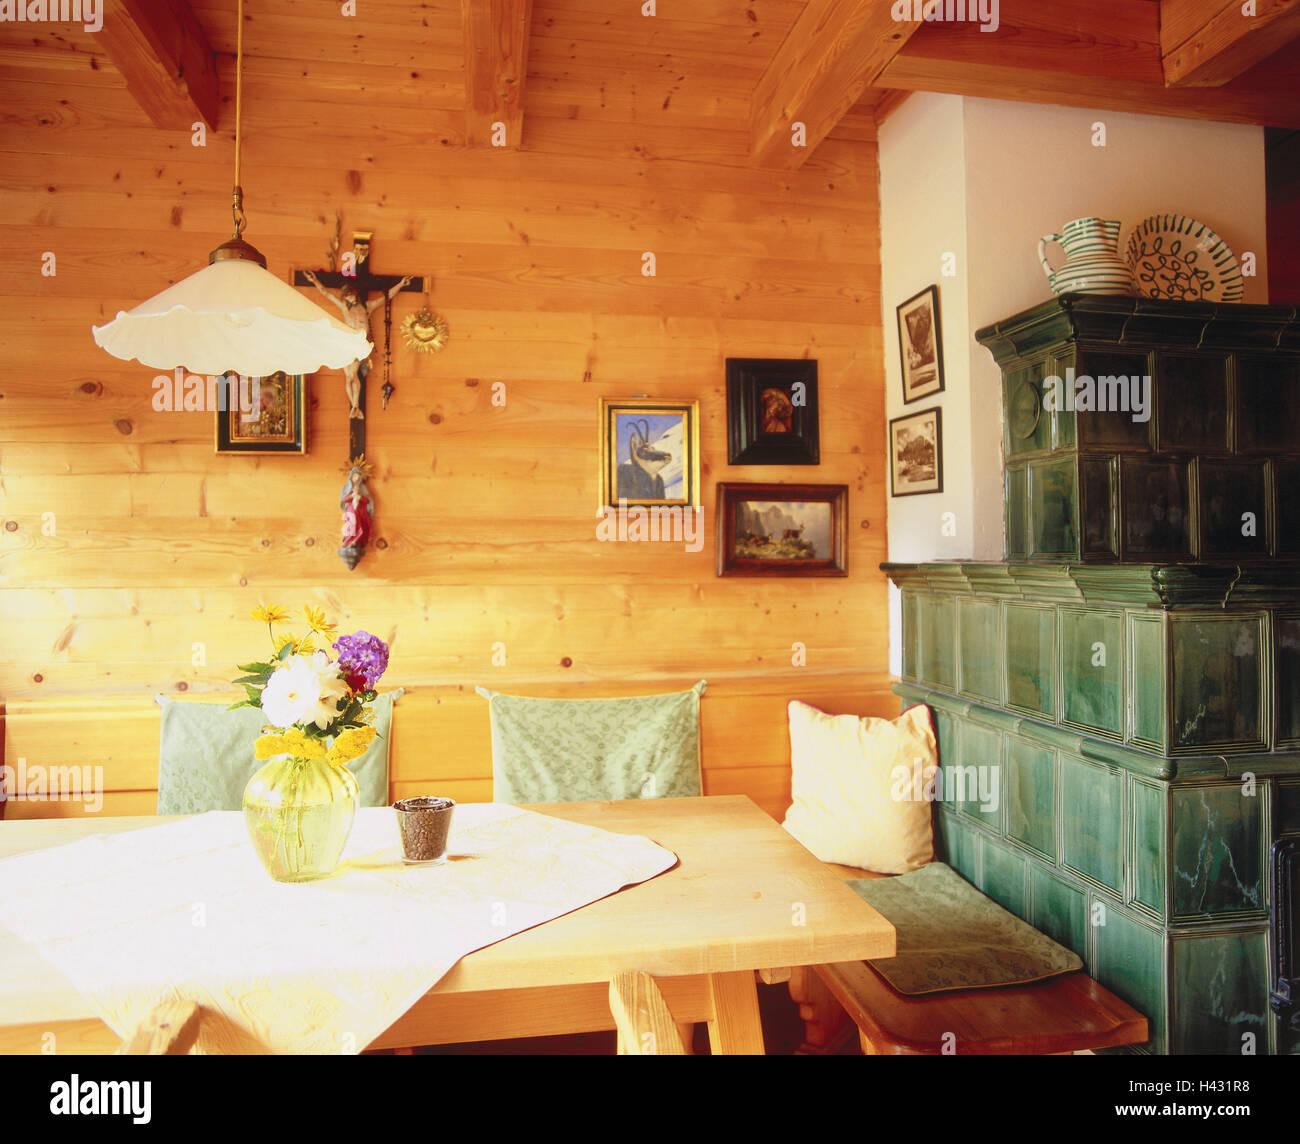 Wohnraum, Kachelofen Zimmer, Bauernstube, Küche, Wohnraum, Essecke,  Eckbank, Esstisch, Holzteil Möbel, St. Möbel, Wand, Wandbelag, Wände Aus  Holz, Aus Holz, ...